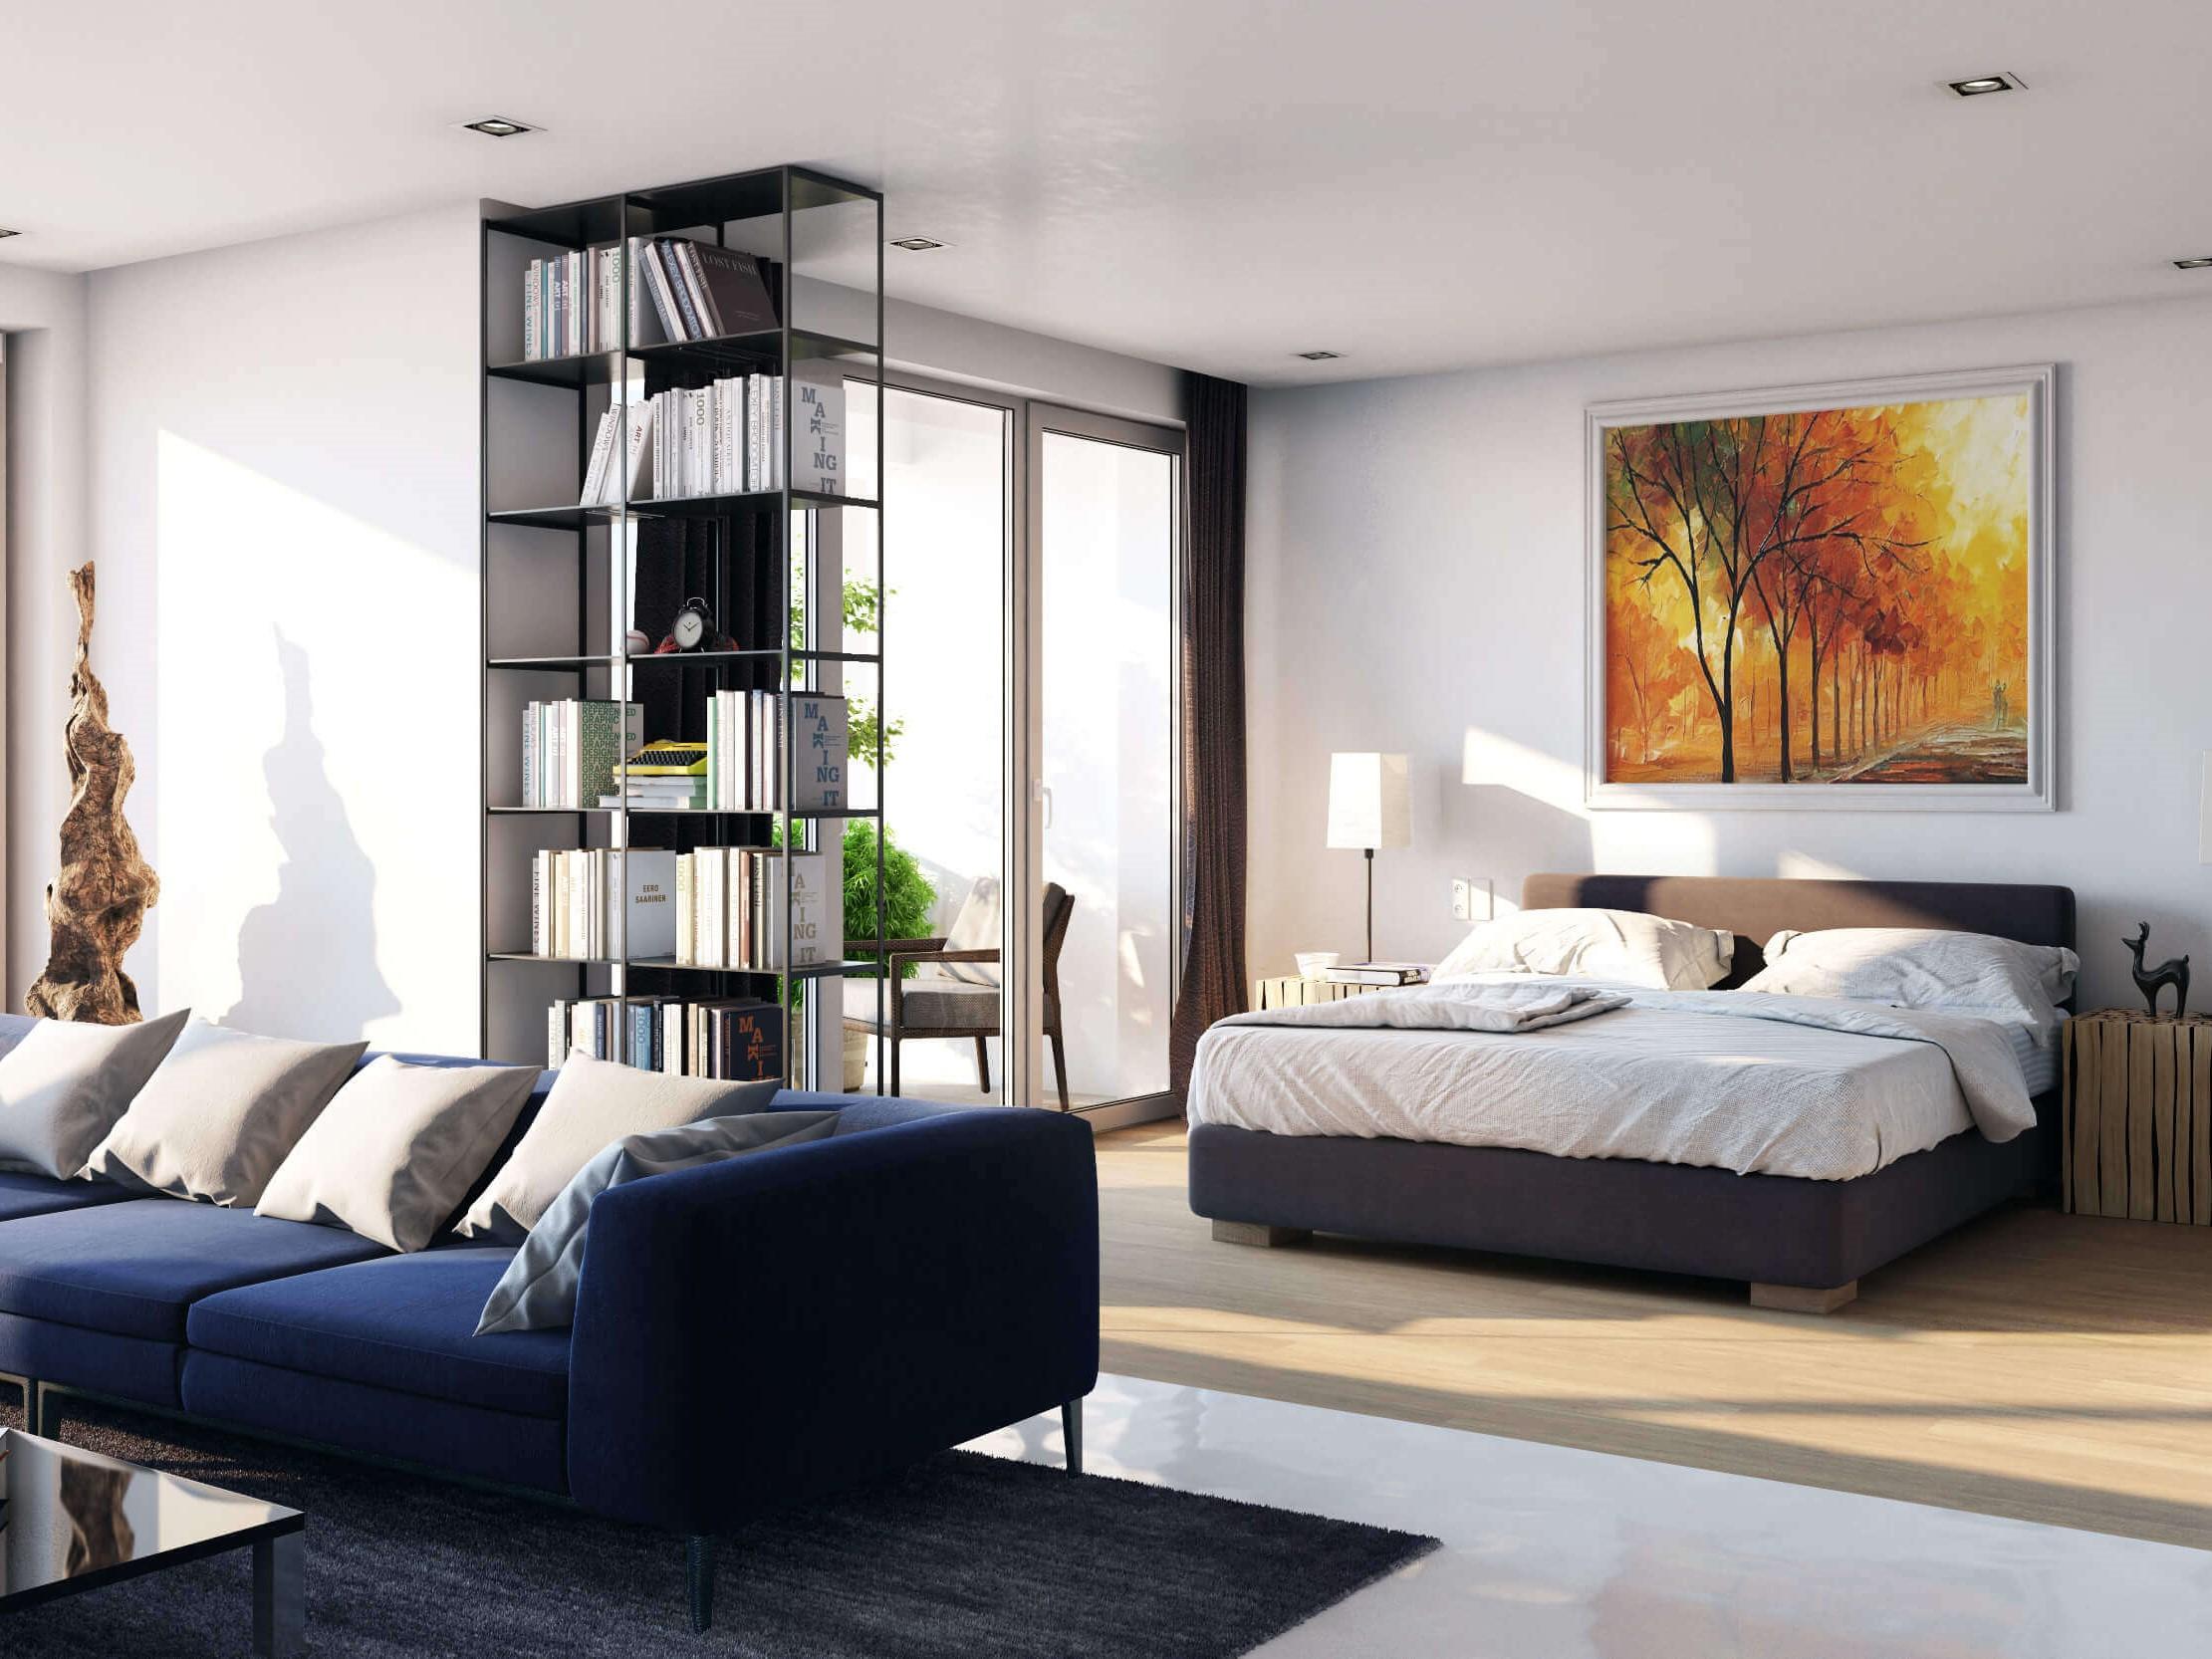 prodej bytu praha, novostavby praha, investiční byty, koupit byt v praze, sreality, nové byty praha